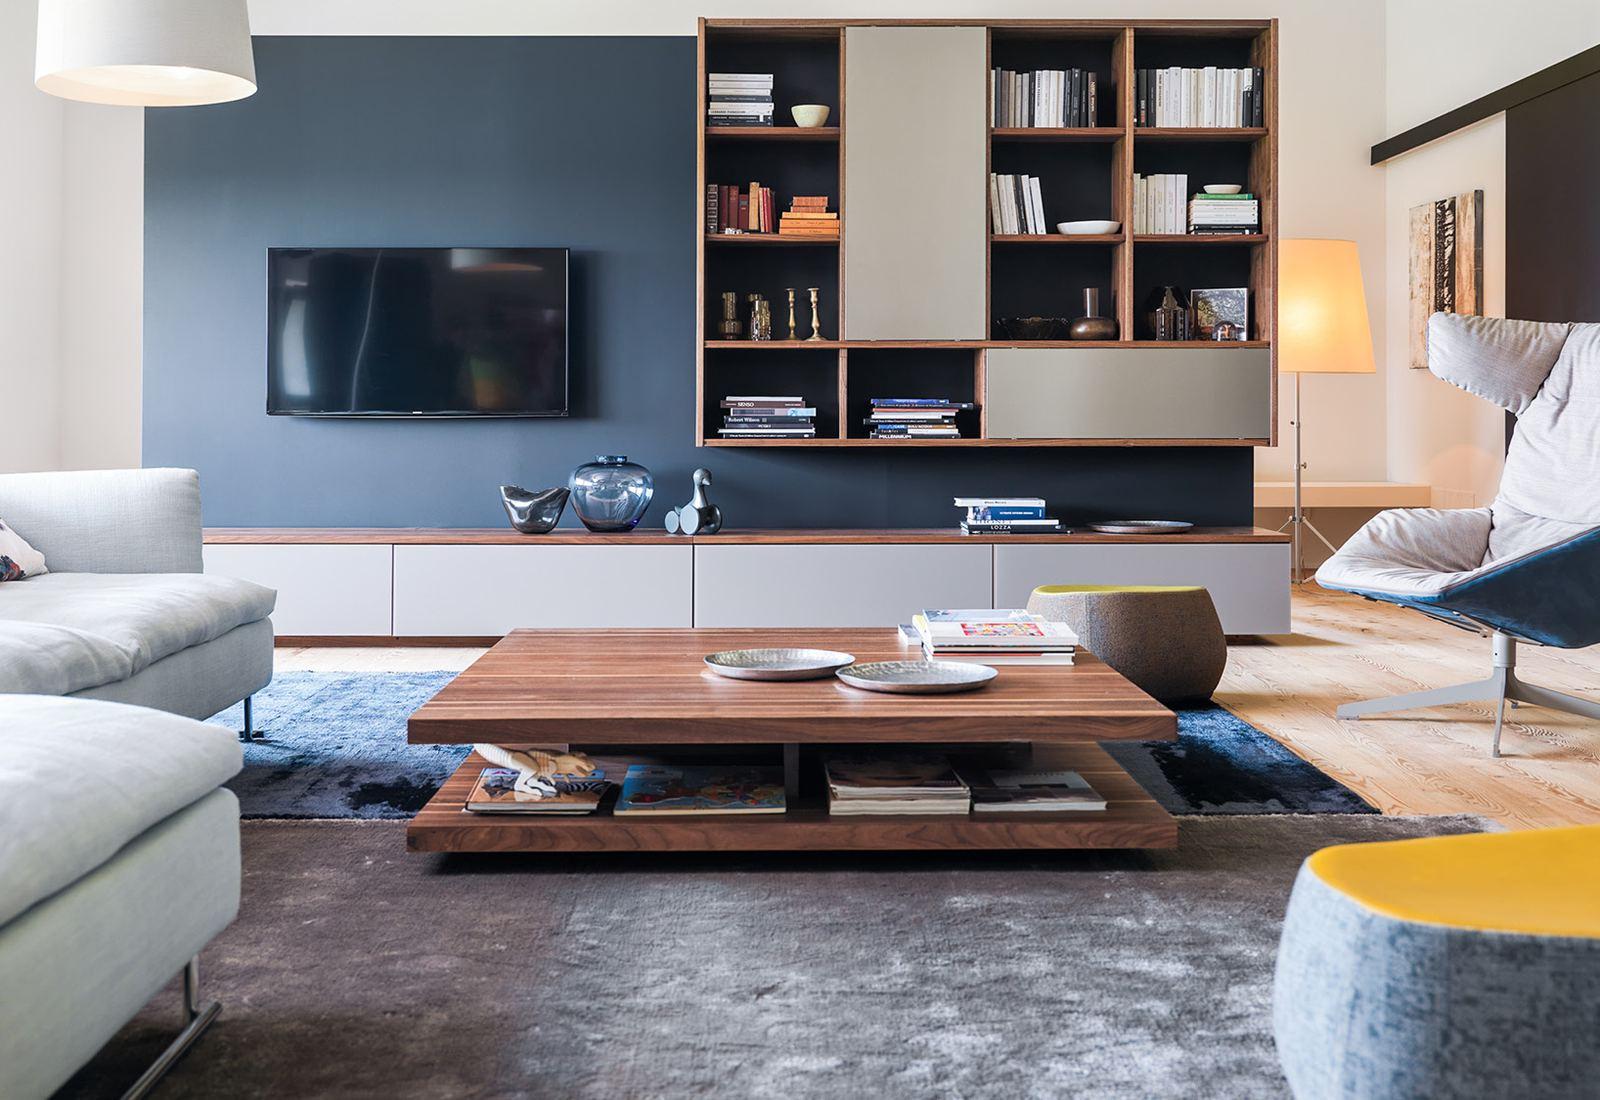 wohnzimmerz: inneneinrichtung wohnzimmer with modernes einrichten, Wohnzimmer dekoo